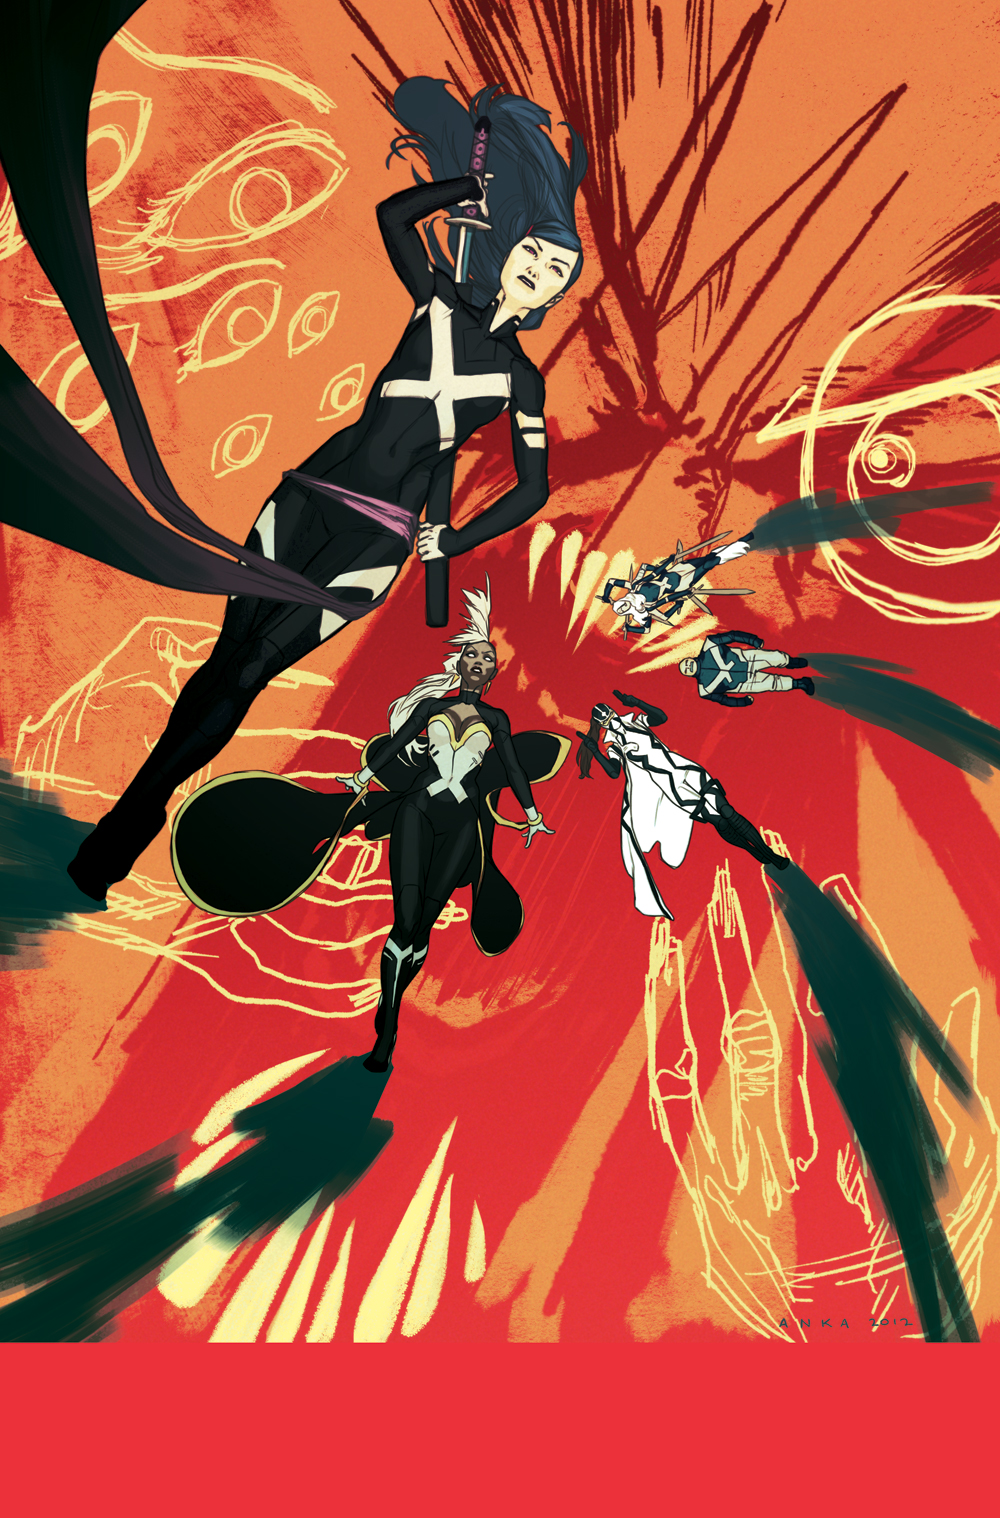 Uncanny X-force #05